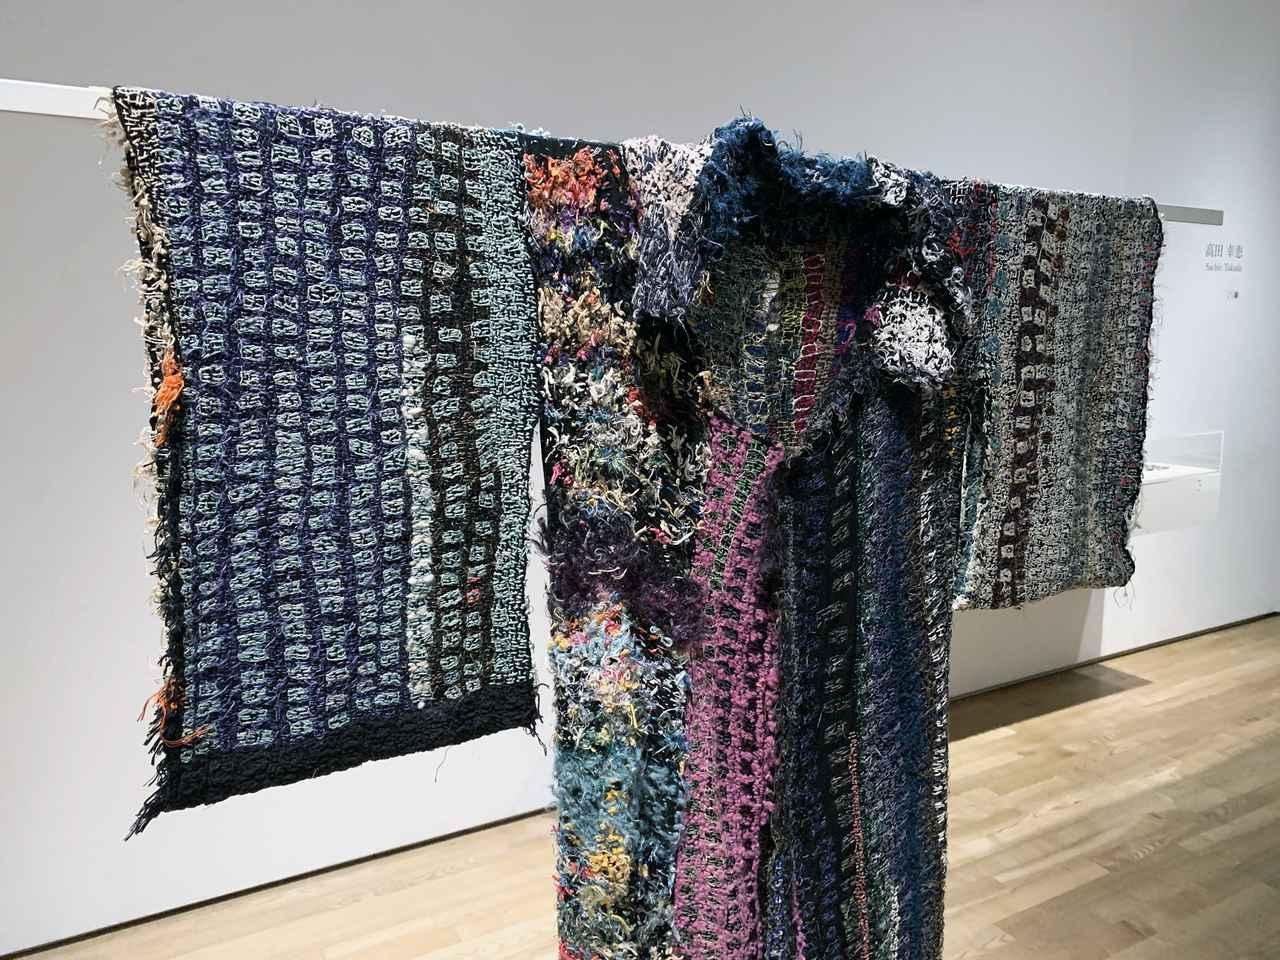 Images : 『あるがままのアート』 東京藝術大学大学美術館